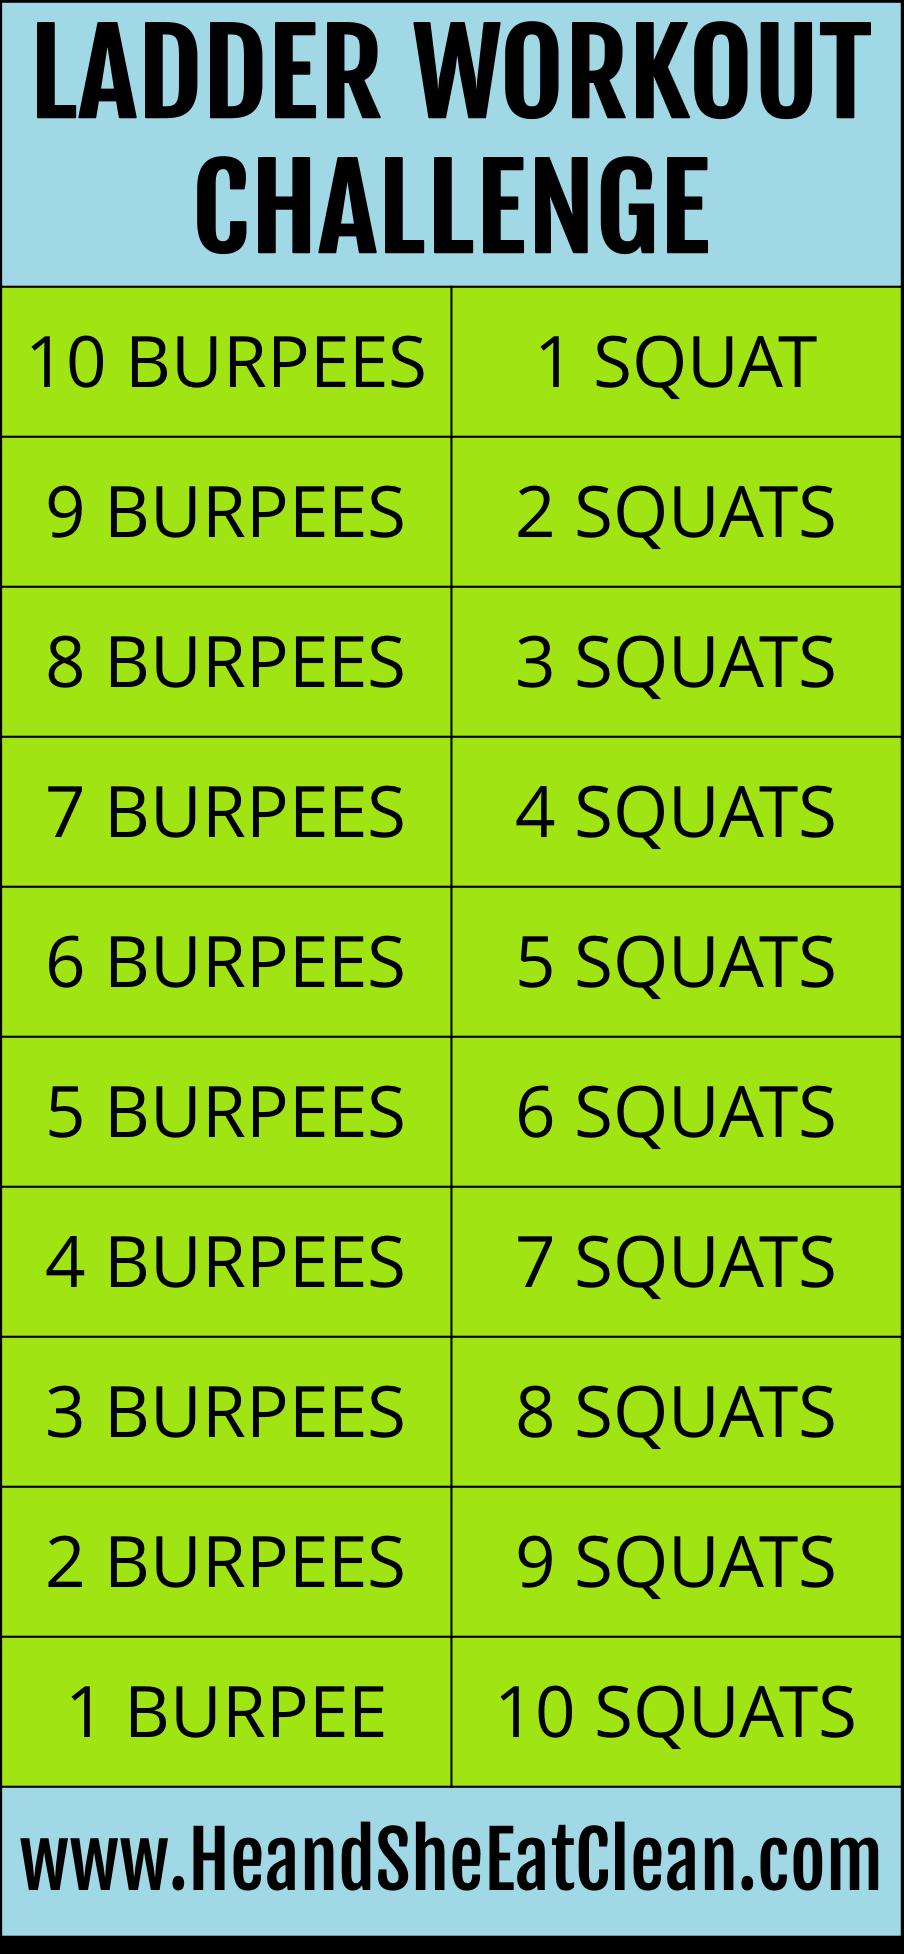 Ladder Workout Challenge